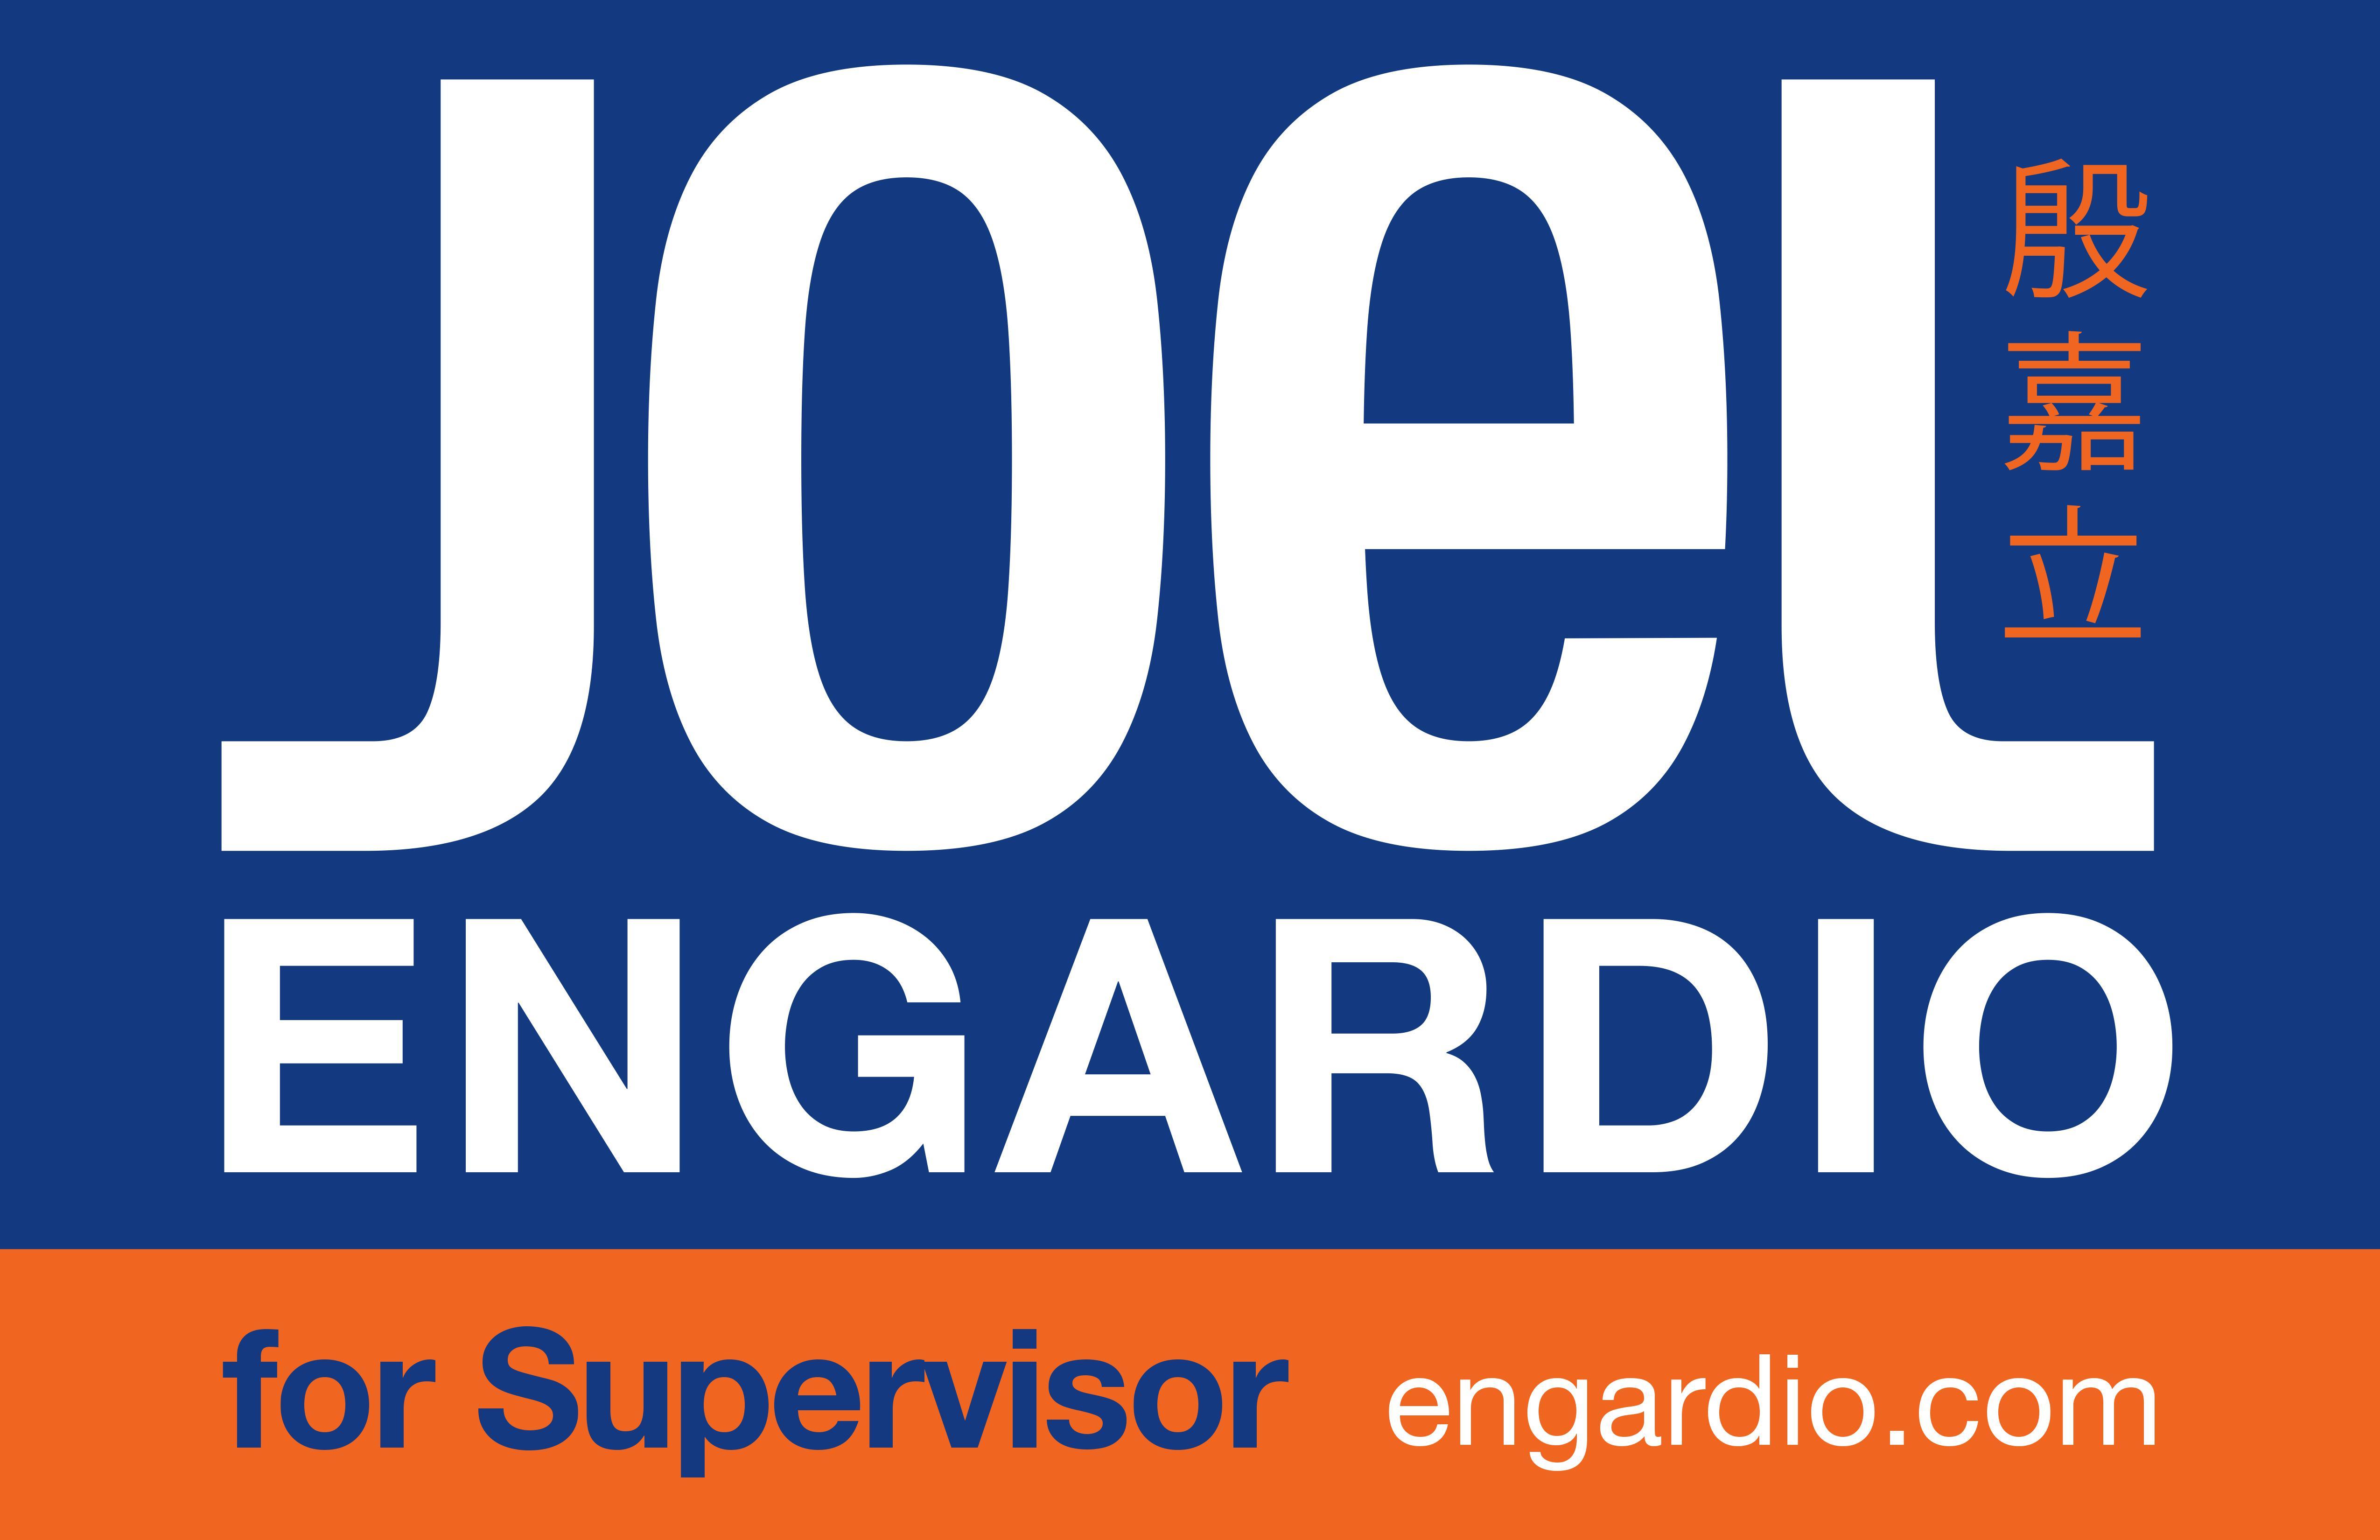 Joel Engardio